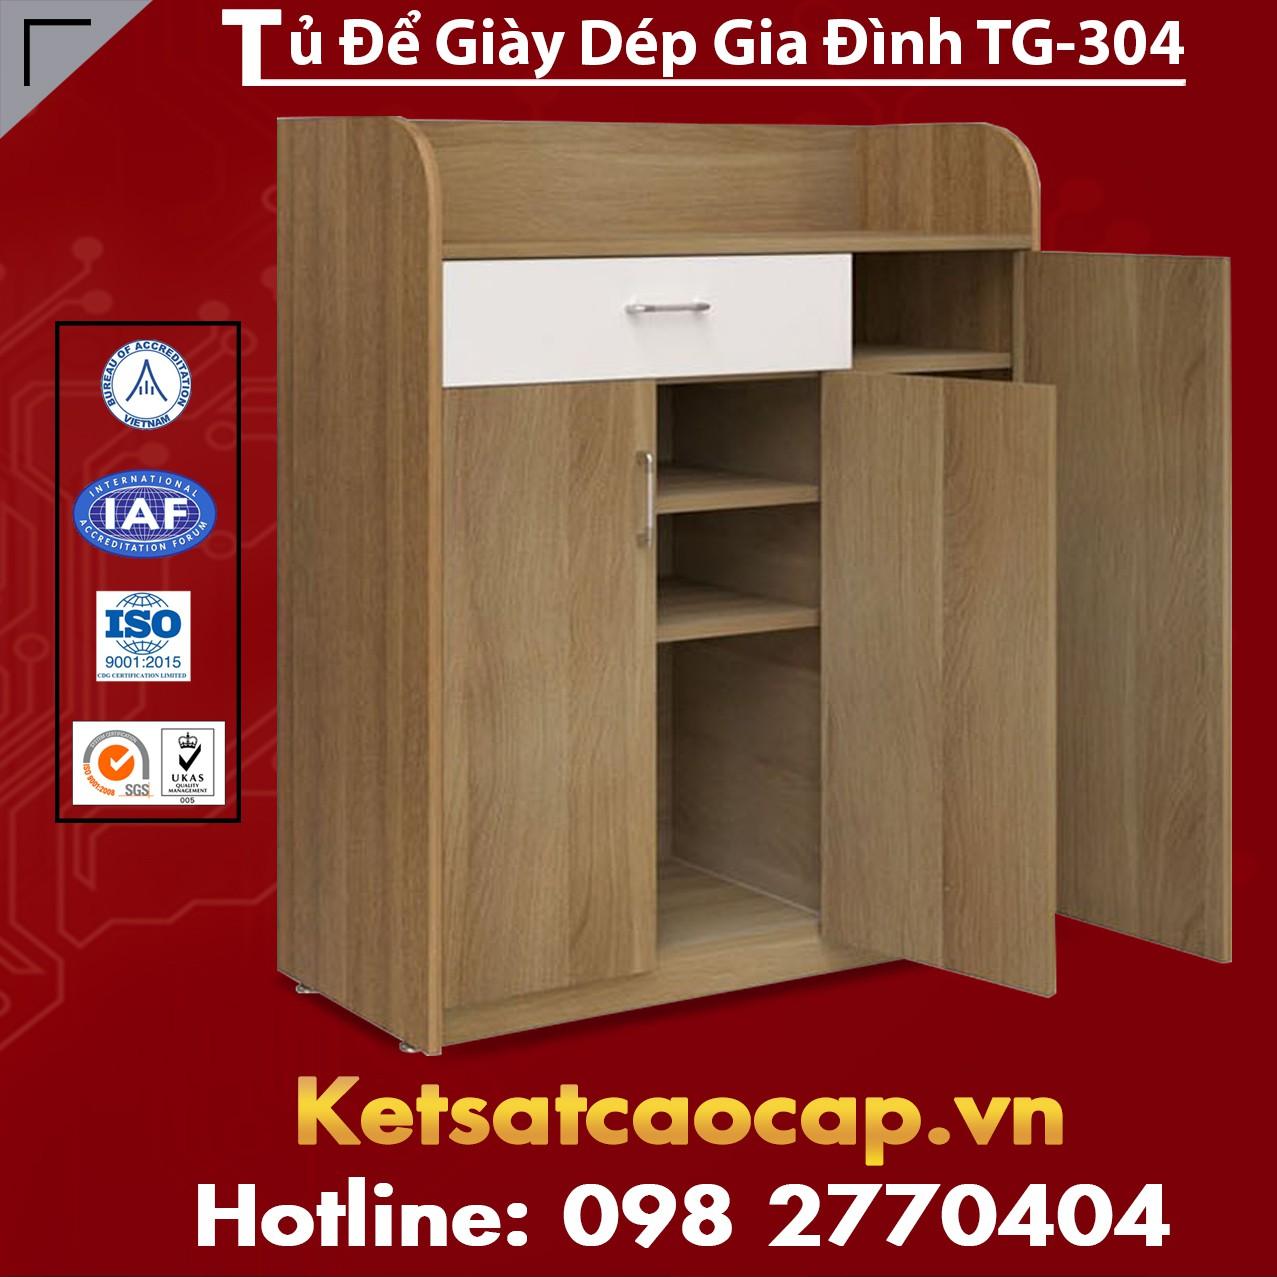 Tủ Để Giày Dép Gia Đình TG-304